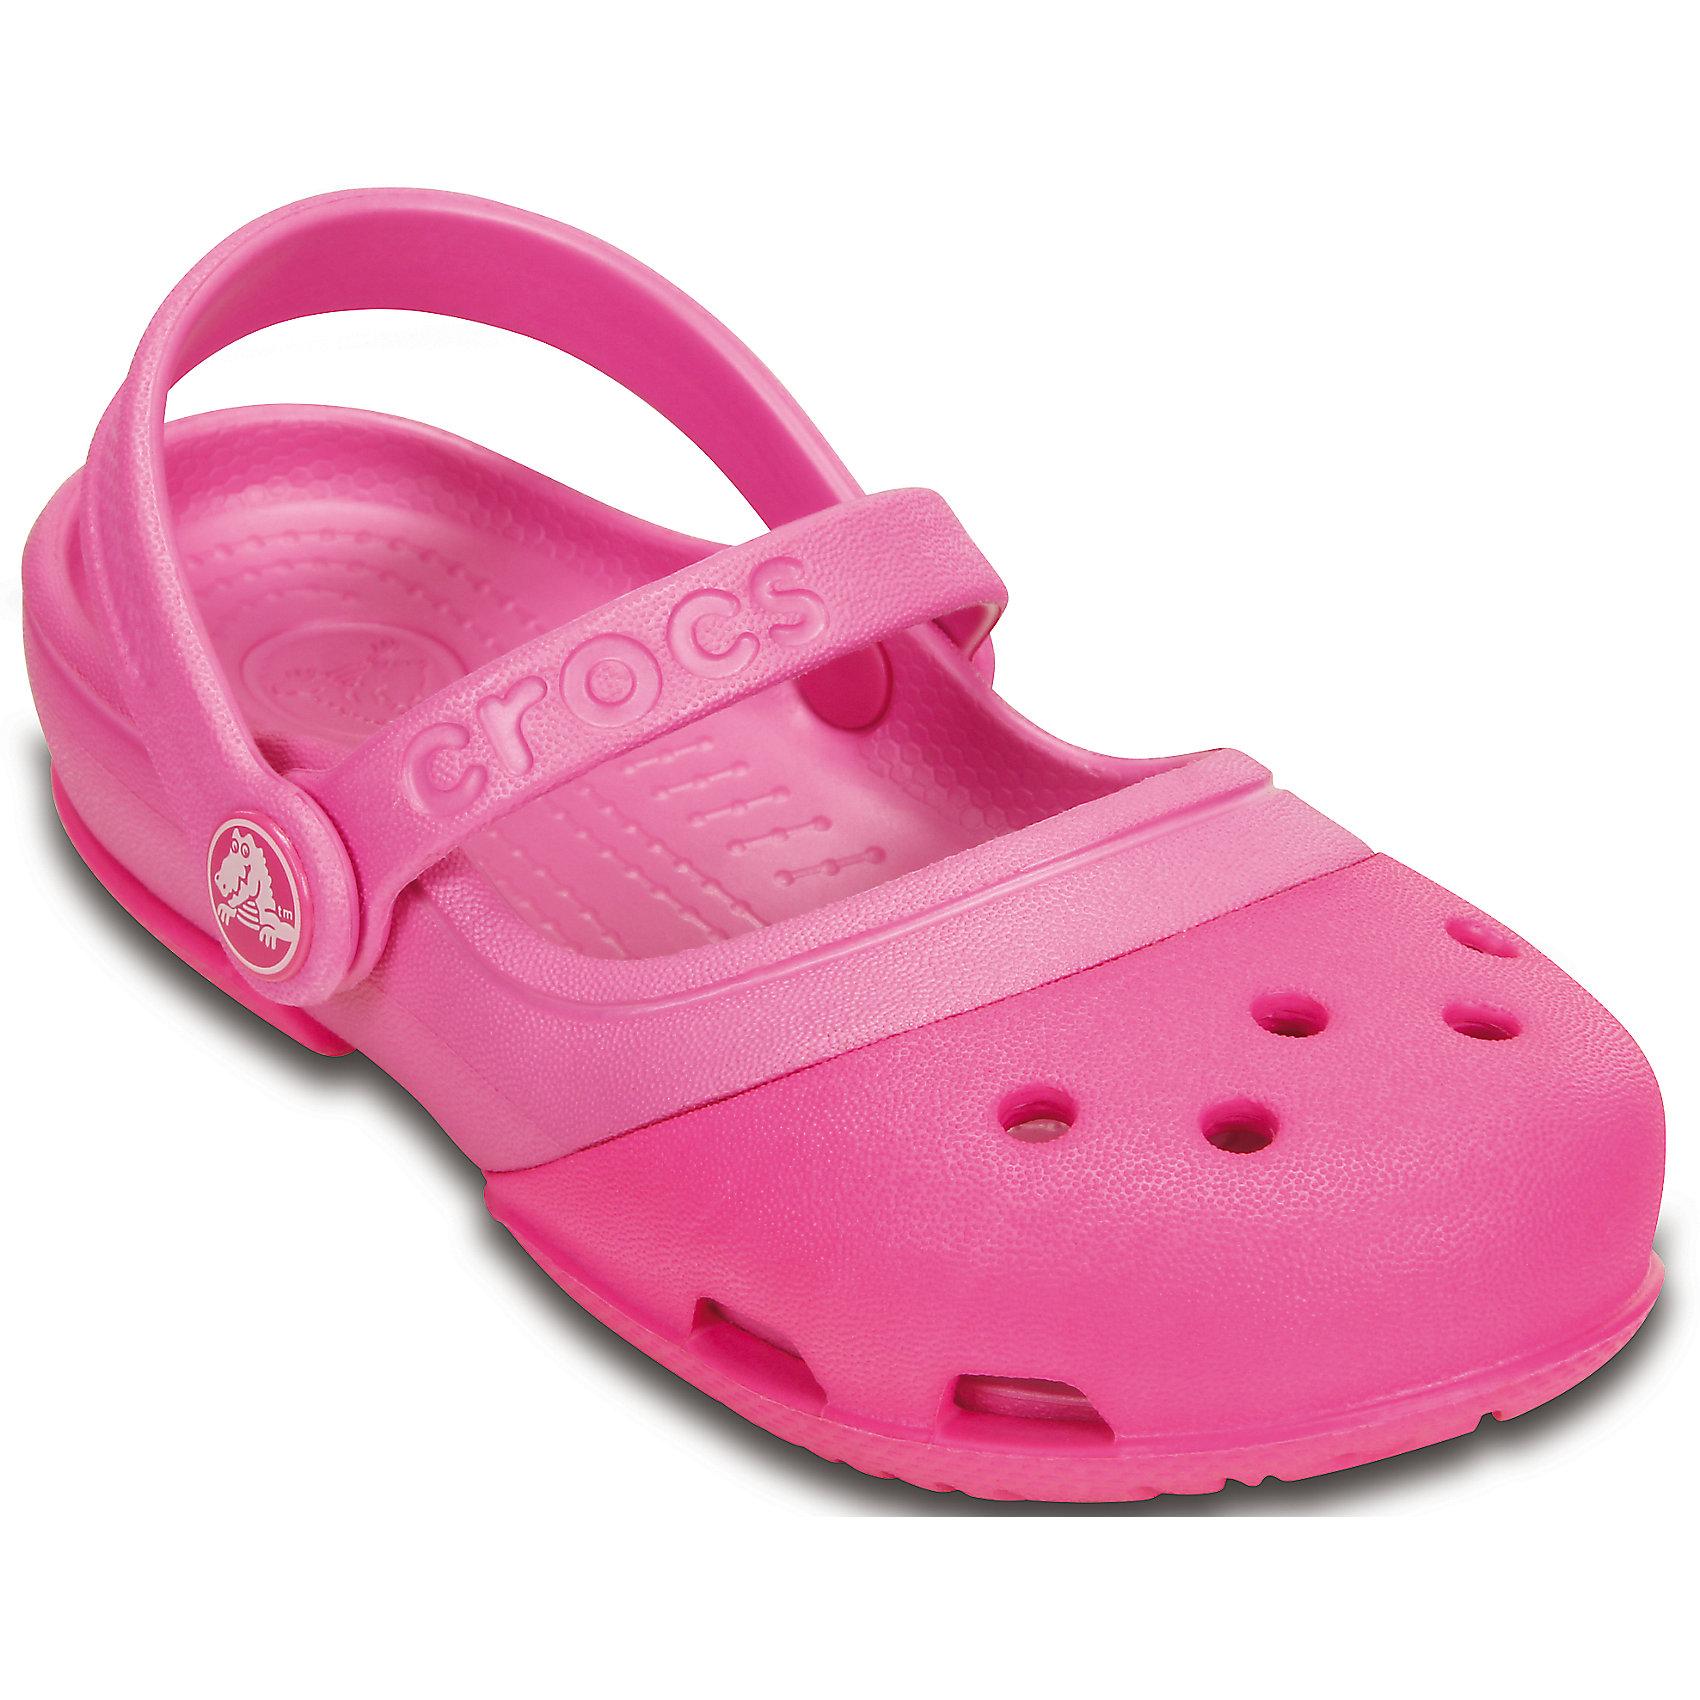 Сабо Electro IIMJPS для девочки CrocsПляжная обувь<br>Характеристики товара:<br><br>• цвет: розовый<br>• материал: 100% полимер Croslite™<br>• литая модель<br>• вентиляционные отверстия<br>• бактериостатичный материал<br>• пяточный ремешок фиксирует стопу<br>• толстая устойчивая подошва<br>• отверстия для использования украшений<br>• анатомическая стелька с массажными точками стимулирует кровообращение<br>• страна бренда: США<br>• страна изготовитель: Китай<br><br>Для правильного развития ребенка крайне важно, чтобы обувь была удобной. Такие сабо обеспечивают детям необходимый комфорт, а анатомическая стелька с массажными линиями для стимуляции кровообращения позволяет ножкам дольше не уставать. Сабо легко надеваются и снимаются, отлично сидят на ноге. Материал, из которого они сделаны, не дает размножаться бактериям, поэтому такая обувь препятствует образованию неприятного запаха и появлению болезней стоп. <br>Обувь от американского бренда Crocs в данный момент завоевала широкую популярность во всем мире, и это не удивительно - ведь она невероятно удобна. Её носят врачи, спортсмены, звёзды шоу-бизнеса, люди, которым много времени приходится бывать на ногах - они понимают, как важна комфортная обувь. Продукция Crocs - это качественные товары, созданные с применением новейших технологий. Обувь отличается стильным дизайном и продуманной конструкцией. Изделие производится из качественных и проверенных материалов, которые безопасны для детей.<br><br>Сабо для девочки от торговой марки Crocs можно купить в нашем интернет-магазине.<br><br>Ширина мм: 225<br>Глубина мм: 139<br>Высота мм: 112<br>Вес г: 290<br>Цвет: розовый<br>Возраст от месяцев: 24<br>Возраст до месяцев: 24<br>Пол: Женский<br>Возраст: Детский<br>Размер: 25,31/32,24,28,27,29,30,26<br>SKU: 4828153